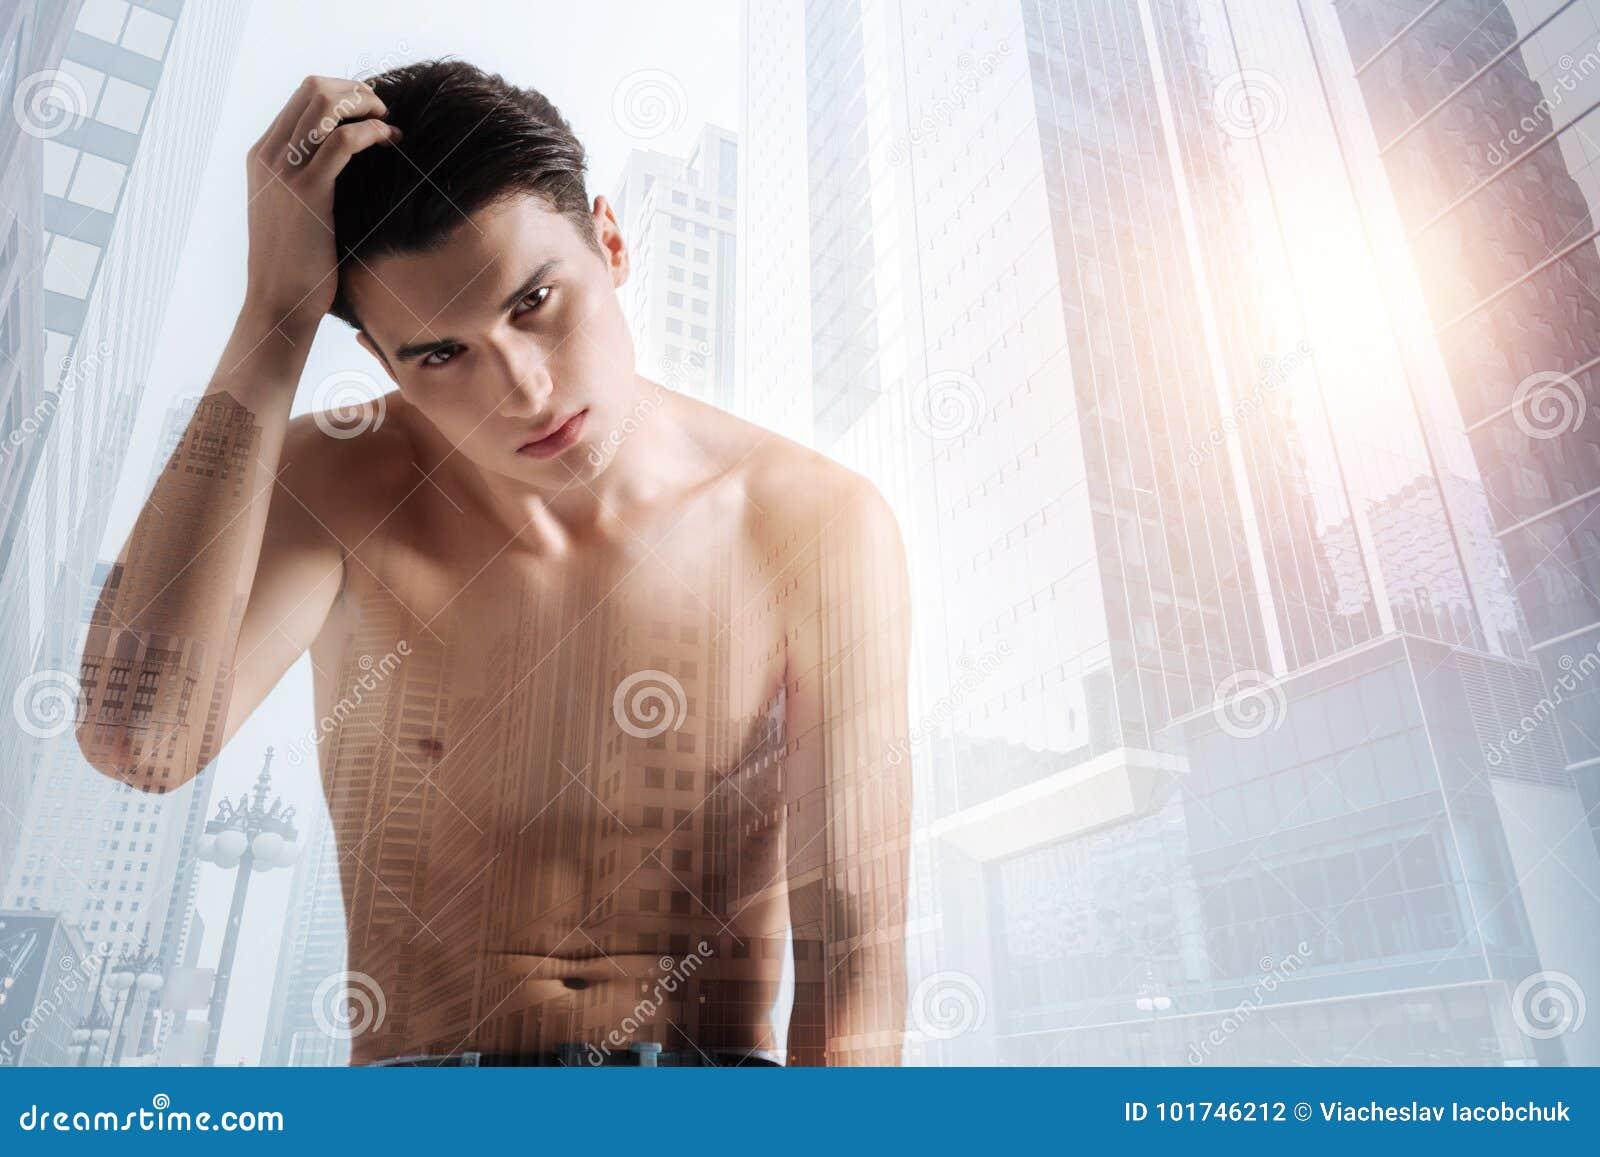 ελεύθερα γυμνό μαύρο έφηβος εικόνες καλύτερο δωρεάν HD pron